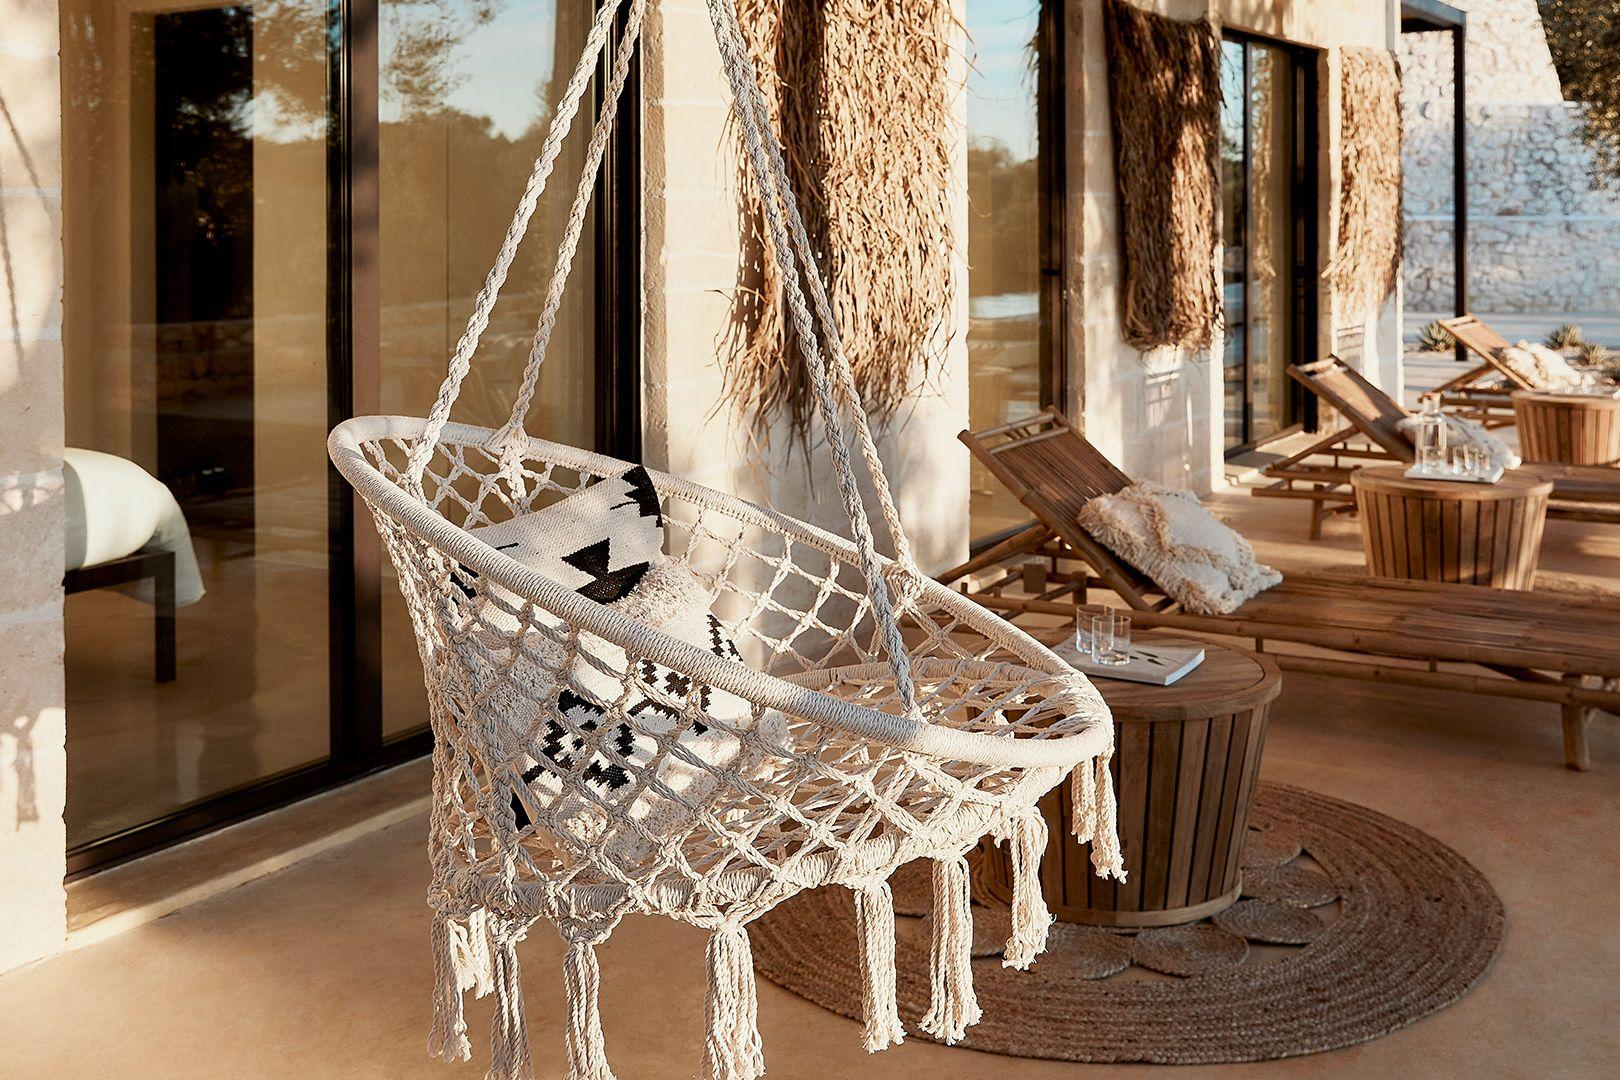 Relax outdoor